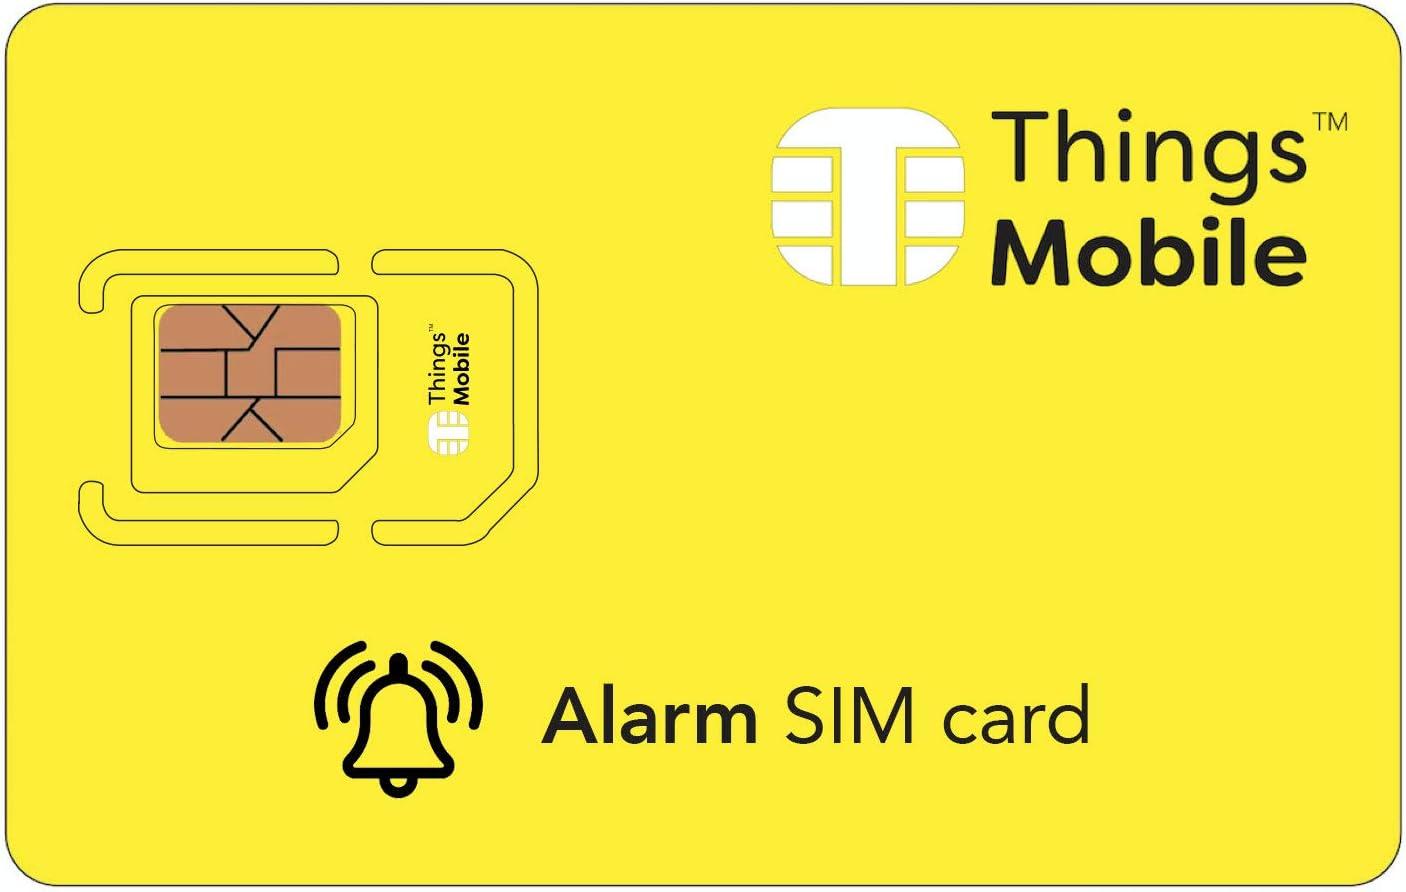 Tarjeta SIM para sistemas de alarma antirrobo - GSM / 2G / 3G / 4G - ideal para sistemas de alarma para uso doméstico e industrial con un crédito incluido de 10 €